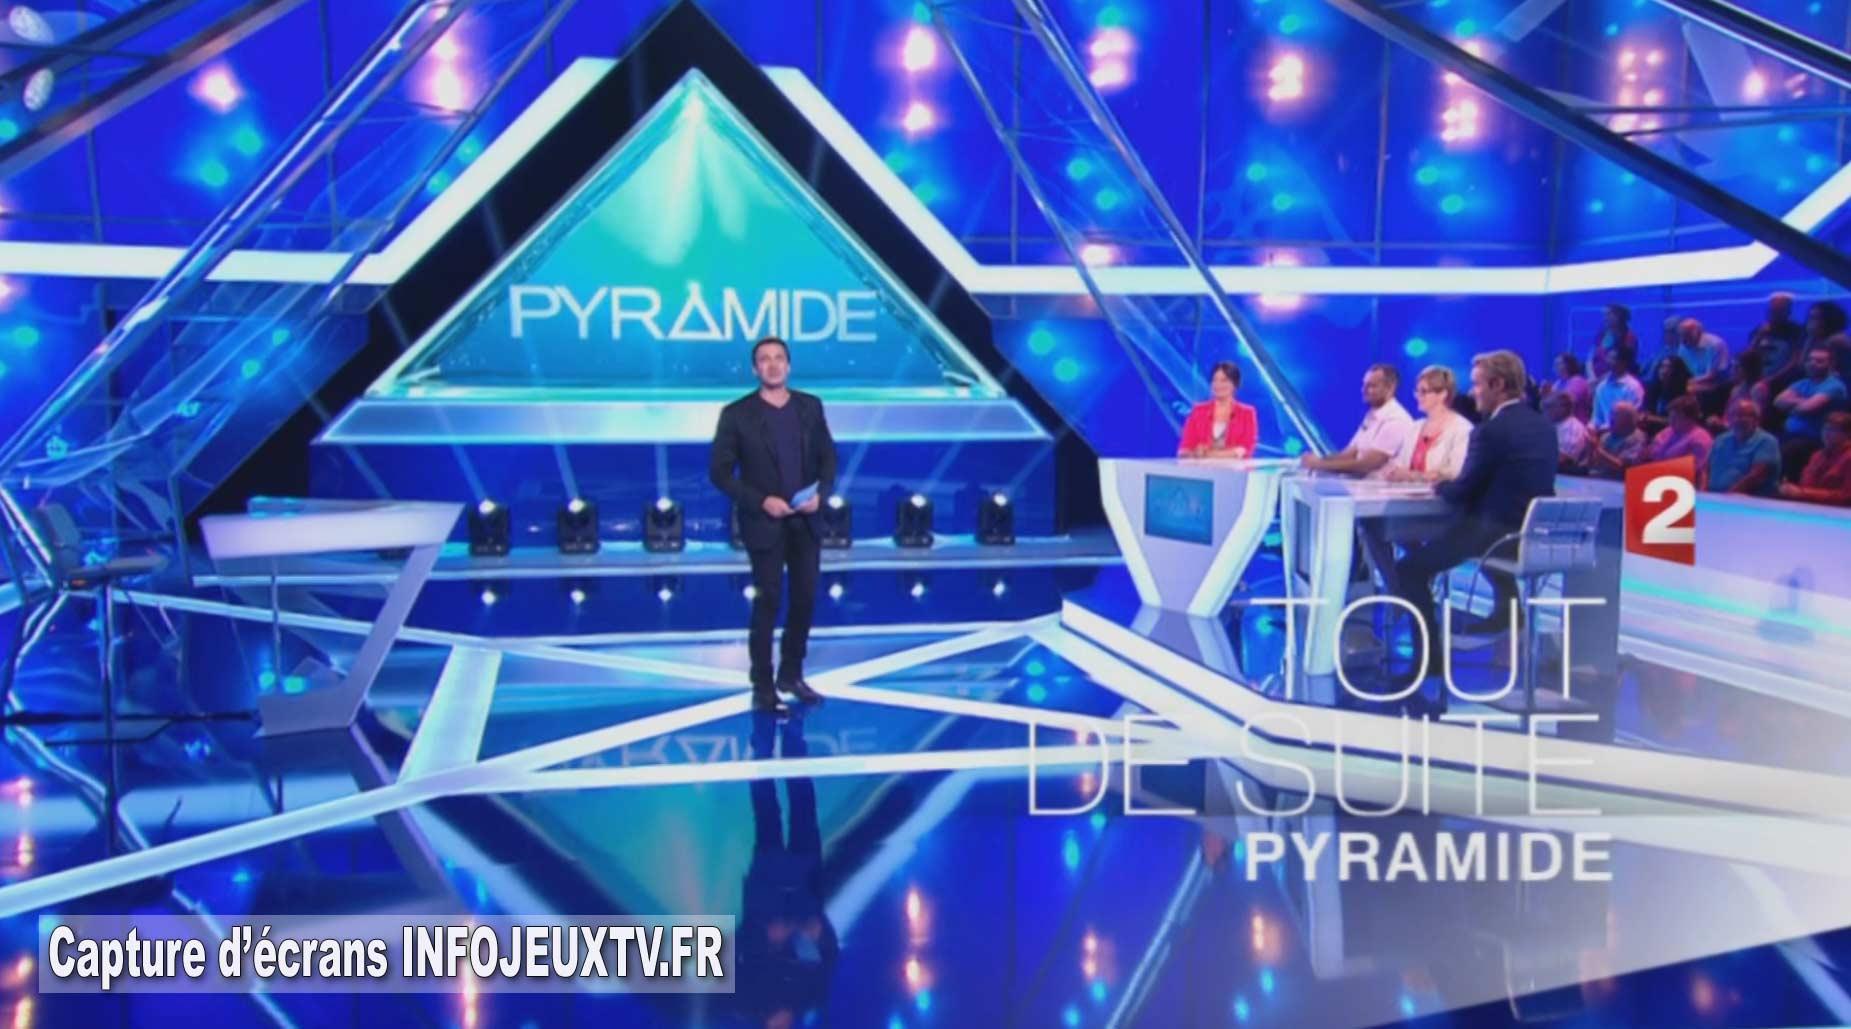 11 ans et 1 jour,après  le retour de Pyramide sur France 2